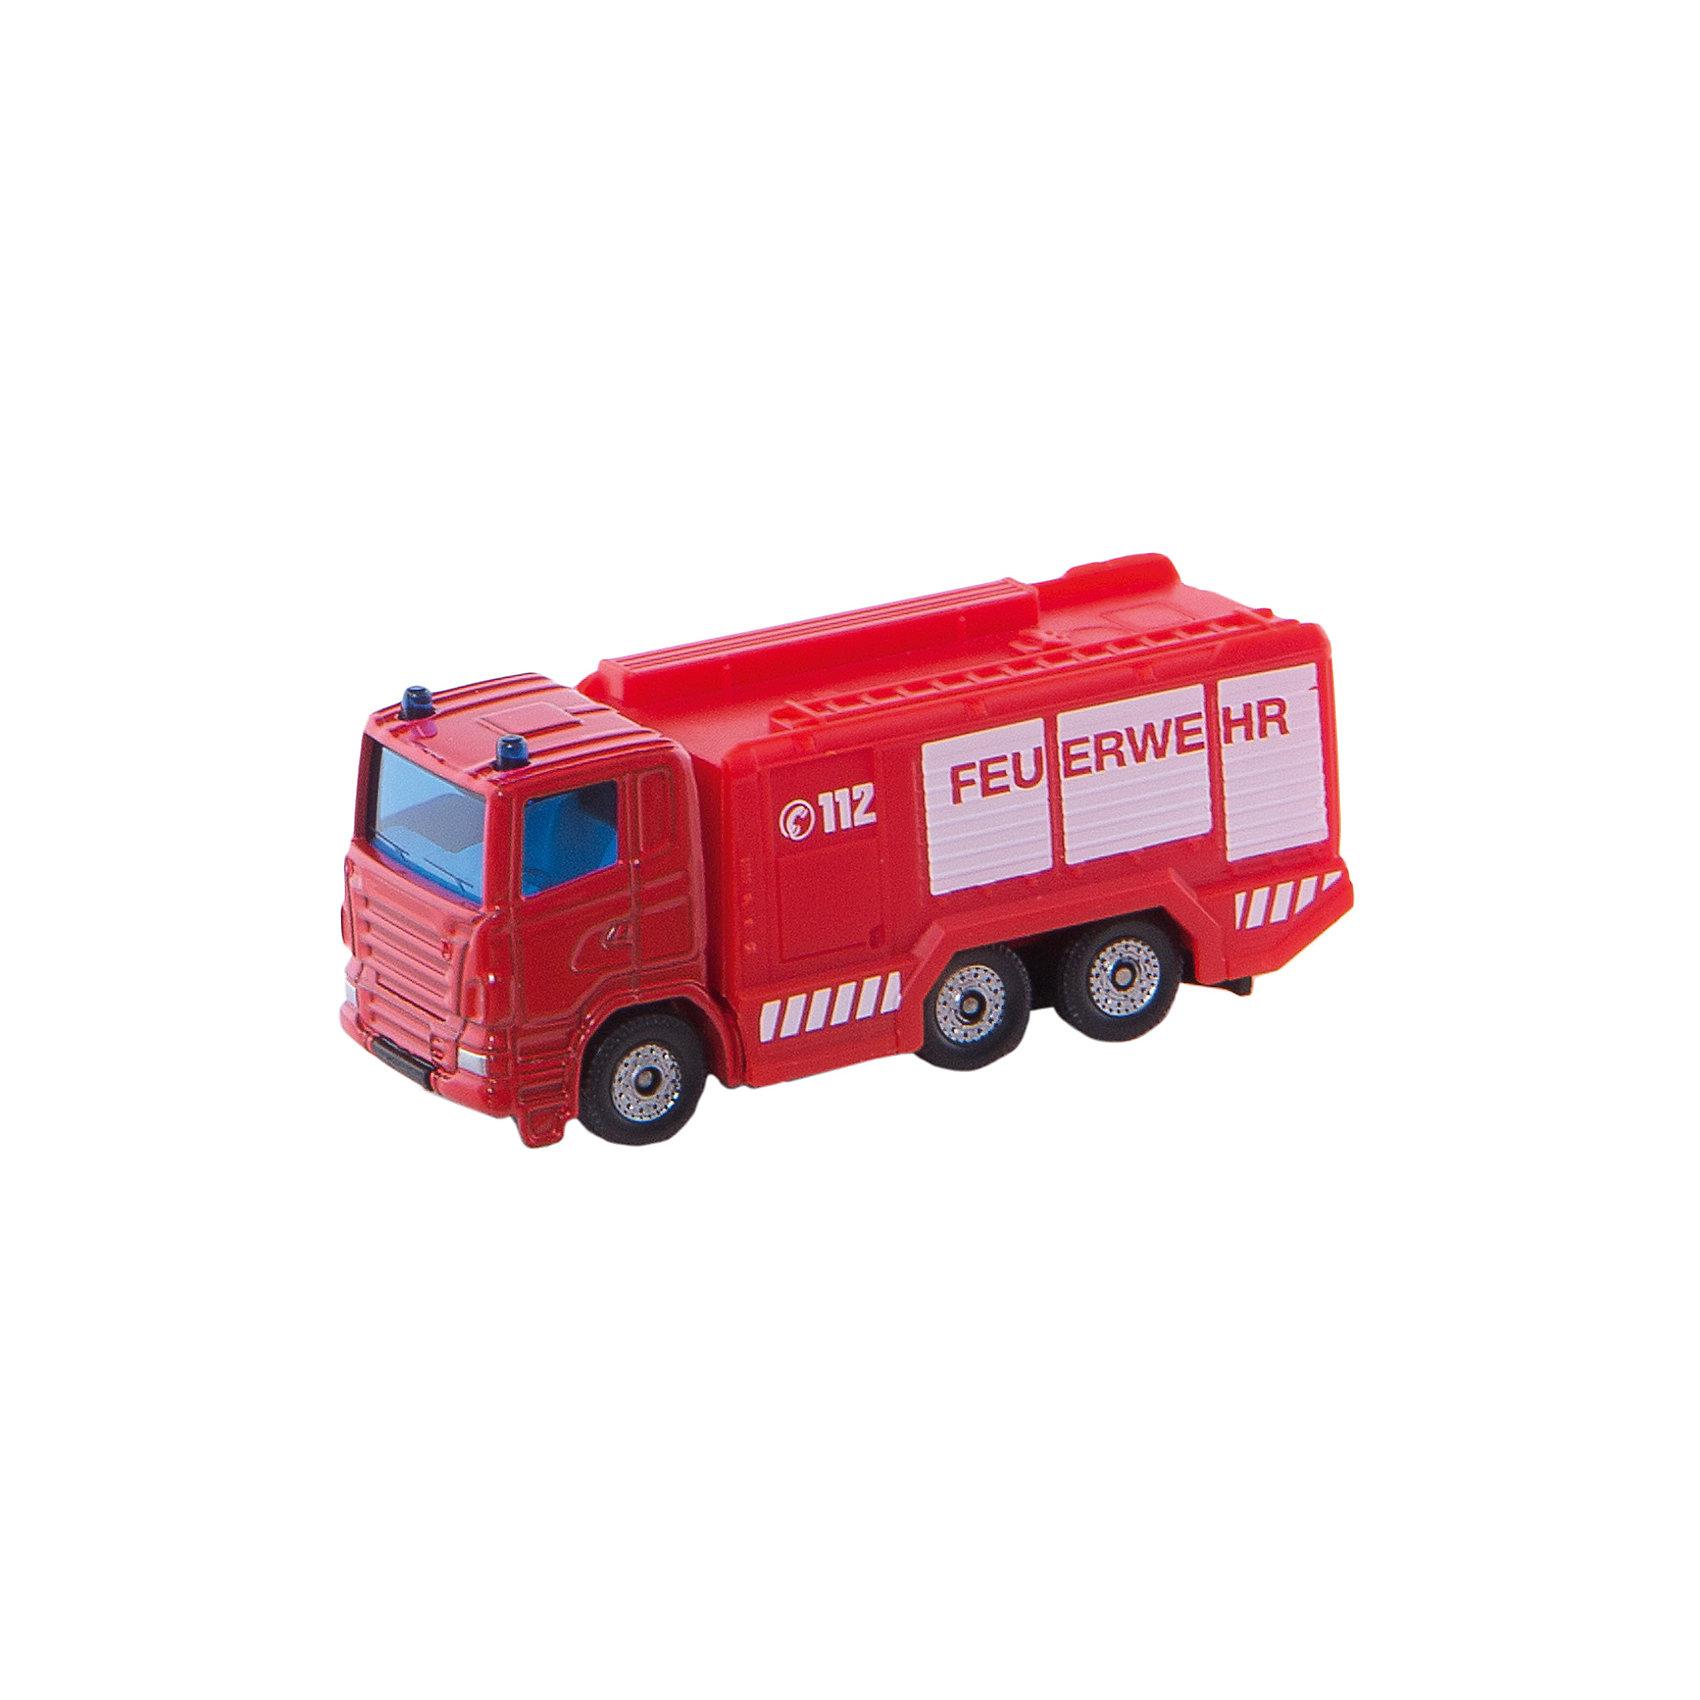 SIKU SIKU 1034 Пожарная цистерна в каком магазине в бибирево можно купить дшево косметику dbib